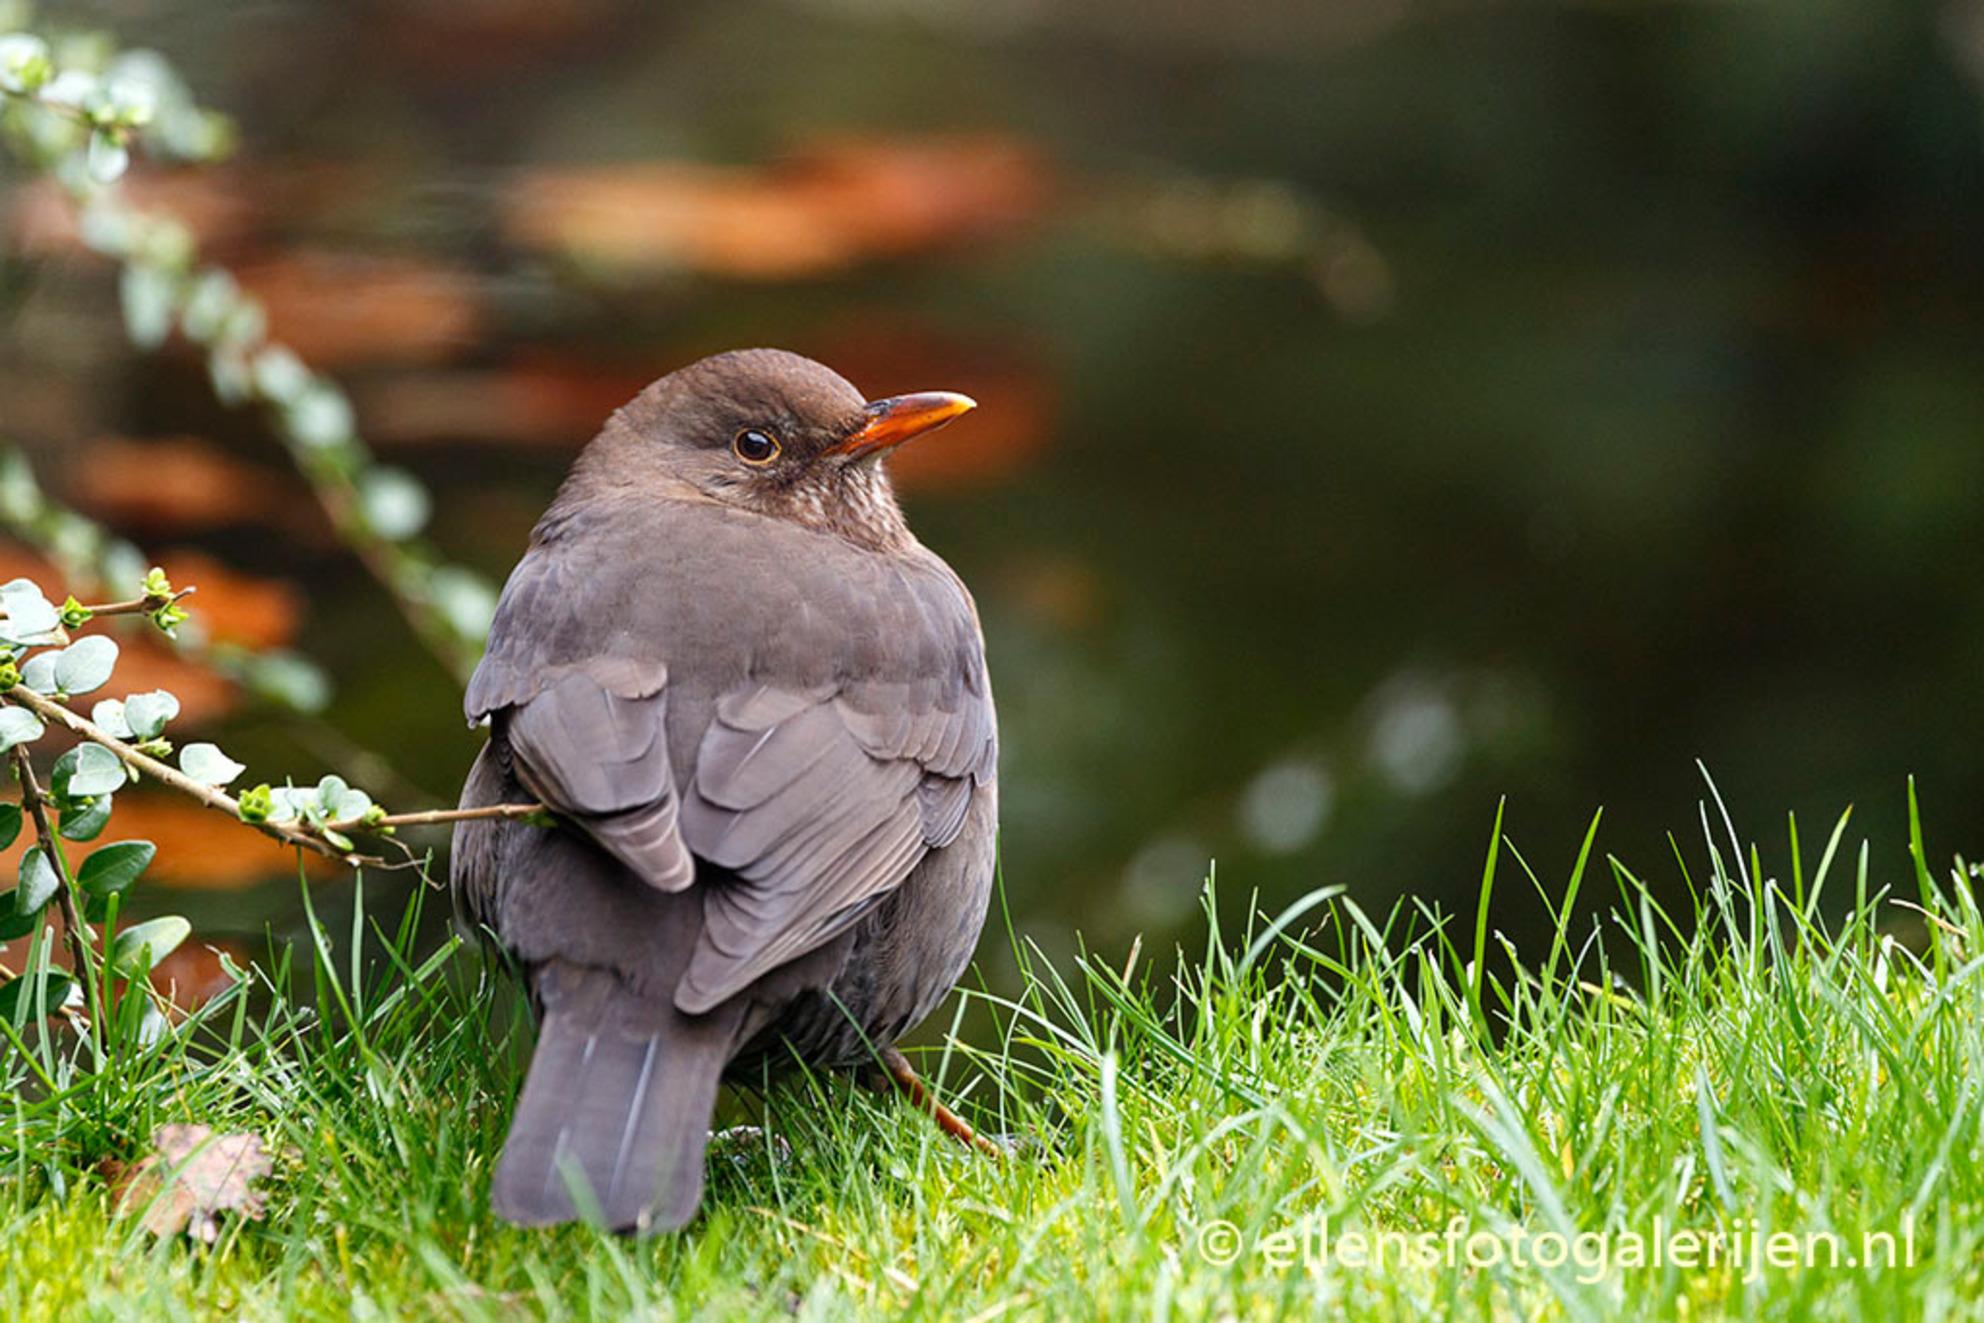 Alert Merelvrouwtje - Deze dame is al druk met het bouwen van een nest. Rust hier even uit bij de vijver maar blijft bijzonder alert. - foto door ellen-zeist op 17-02-2014 - deze foto bevat: merel, vogel